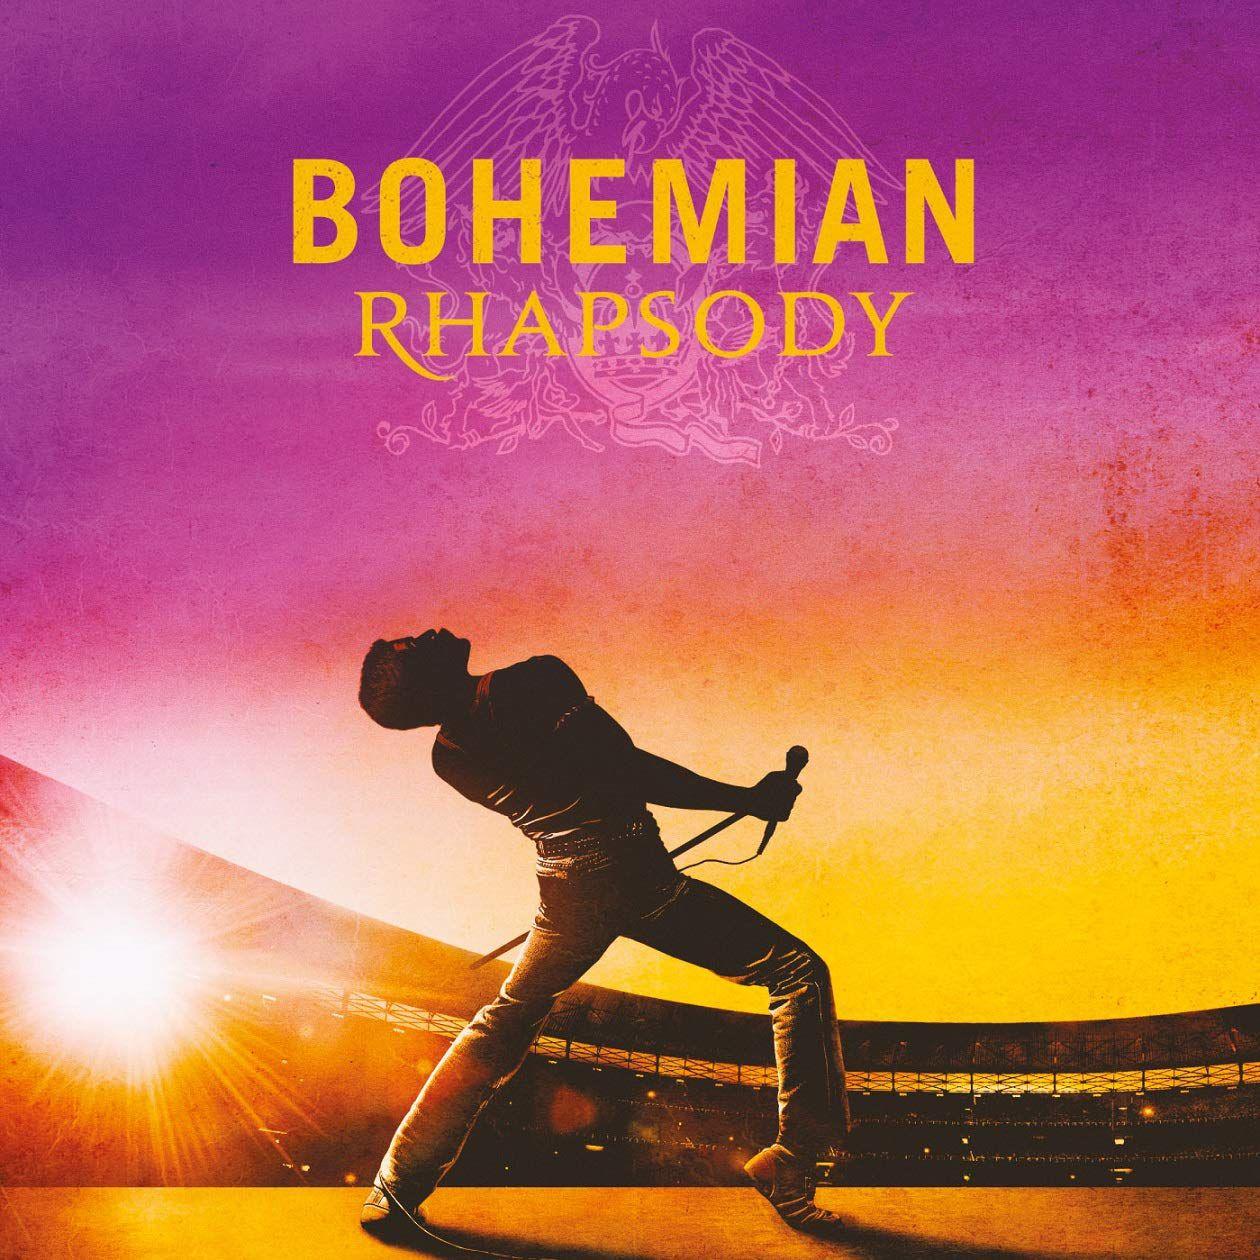 """Sorti en 2018, le biopic """"Bohemian Rhapsody"""" rapporte chaque jour une somme rondelette aux membres survivants du groupe Queen."""